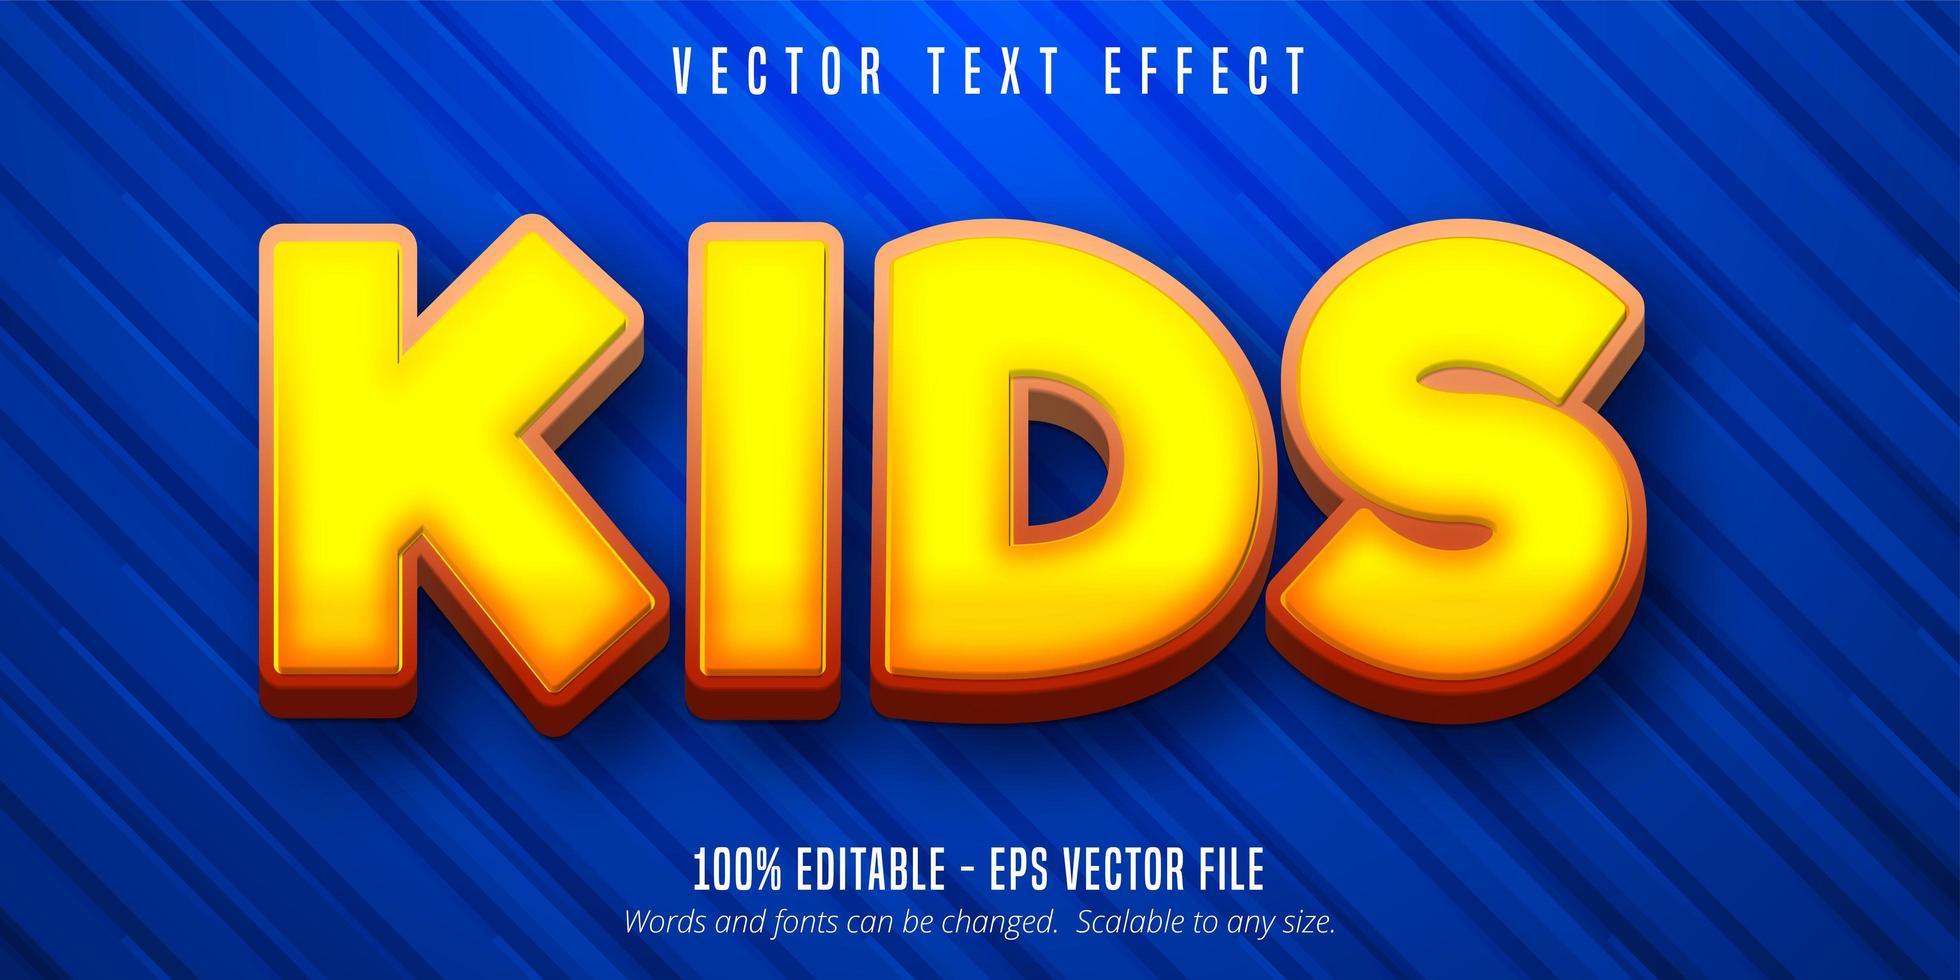 barn tecknad stil redigerbar texteffekt vektor